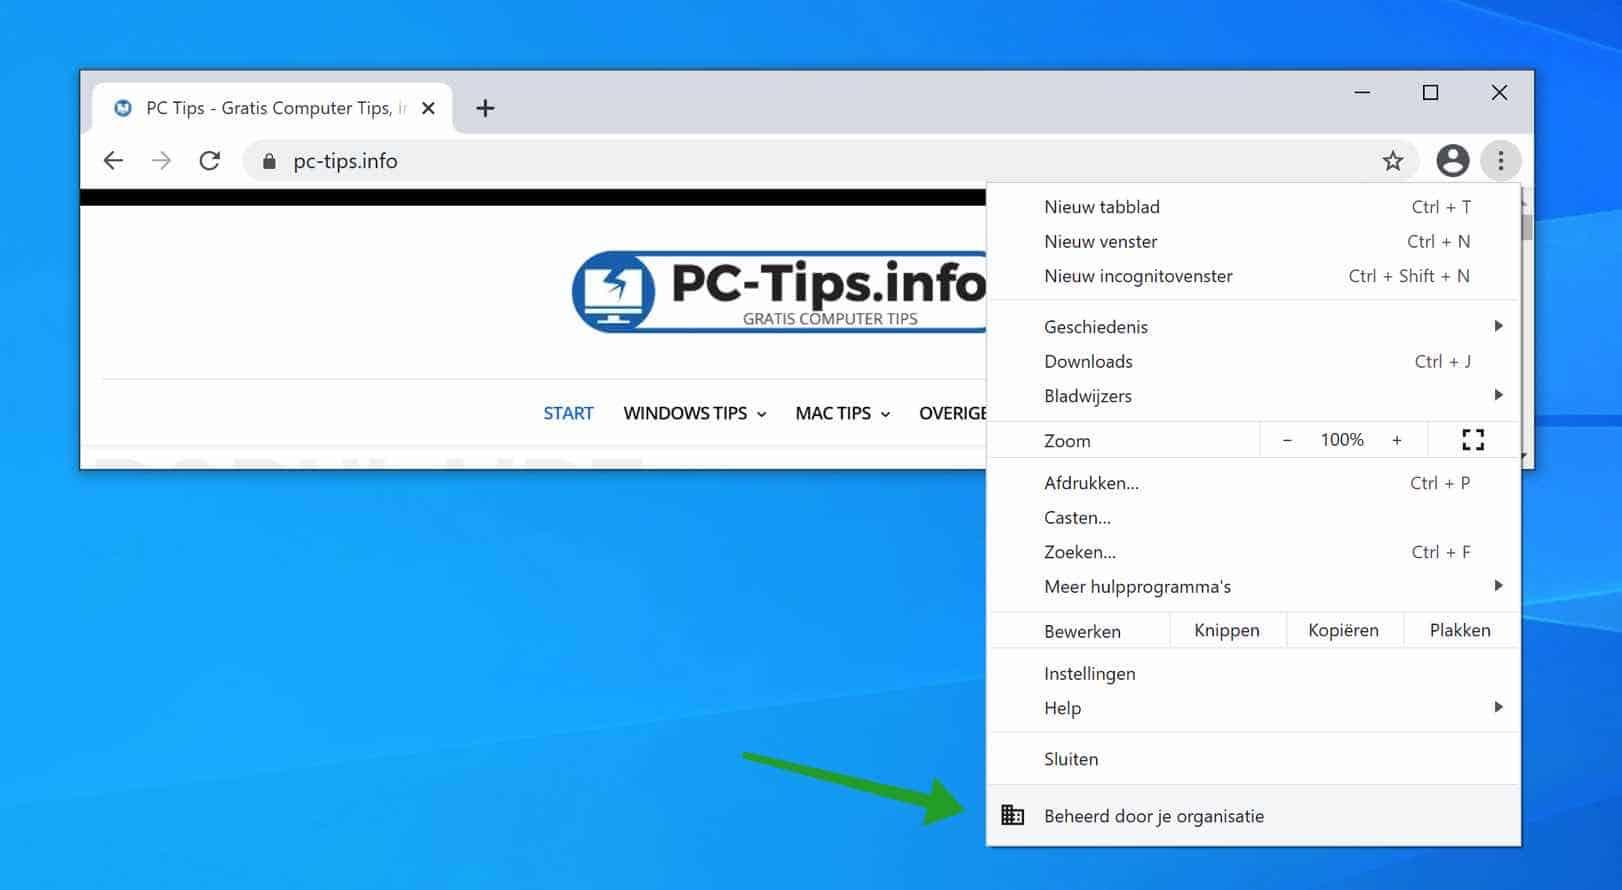 Beheerd door je organisatie browser verwijderen (DIT WERKT!!)